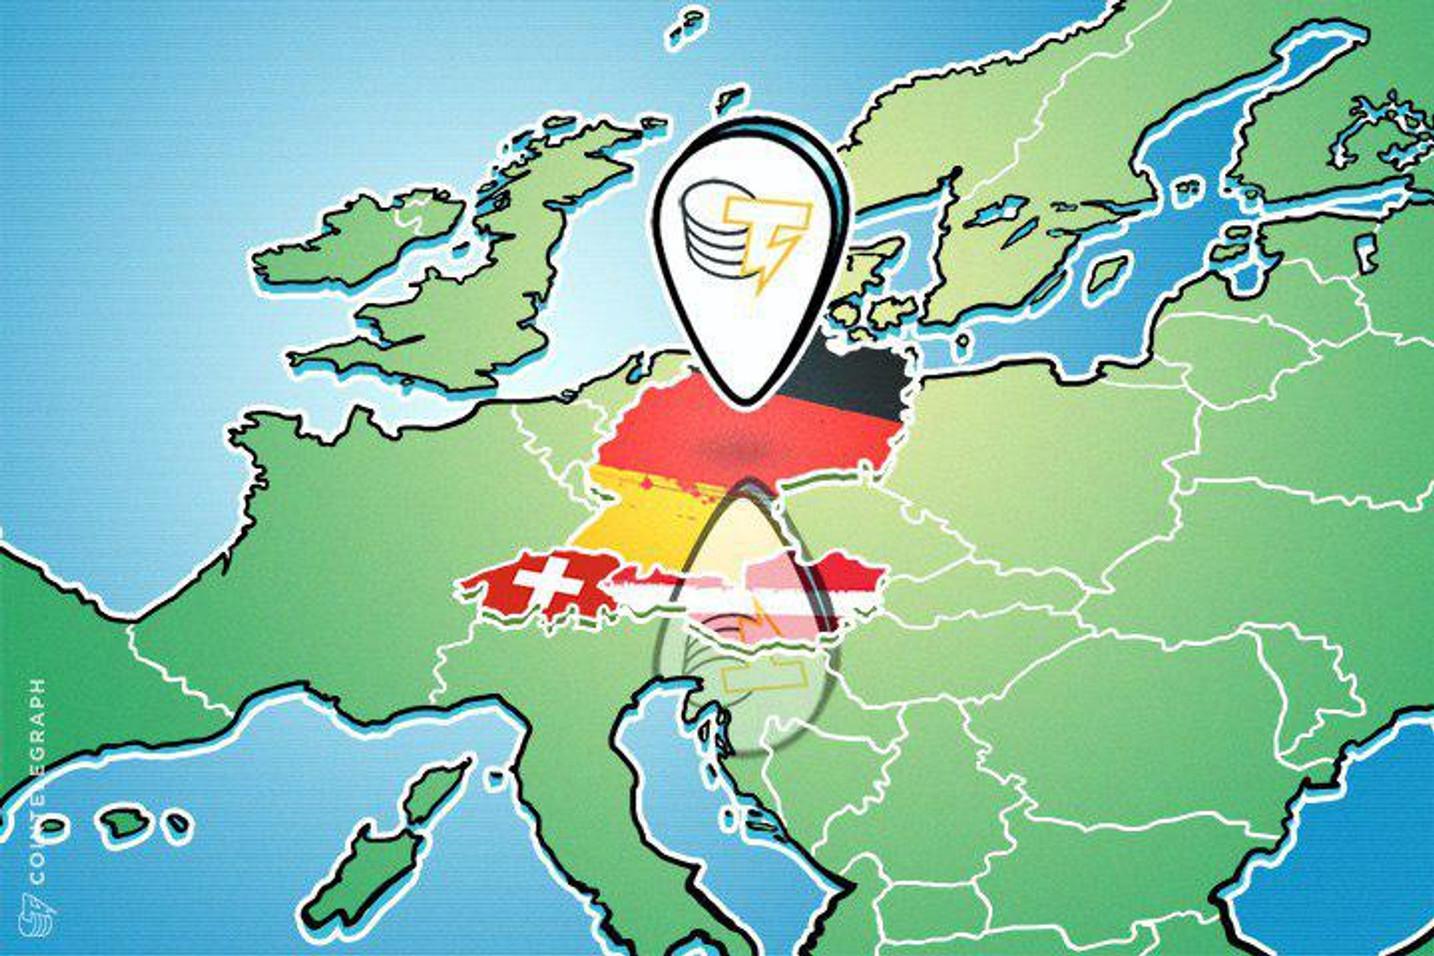 Sprechen Sie Deutsch? Cointelegraph Launches German Version